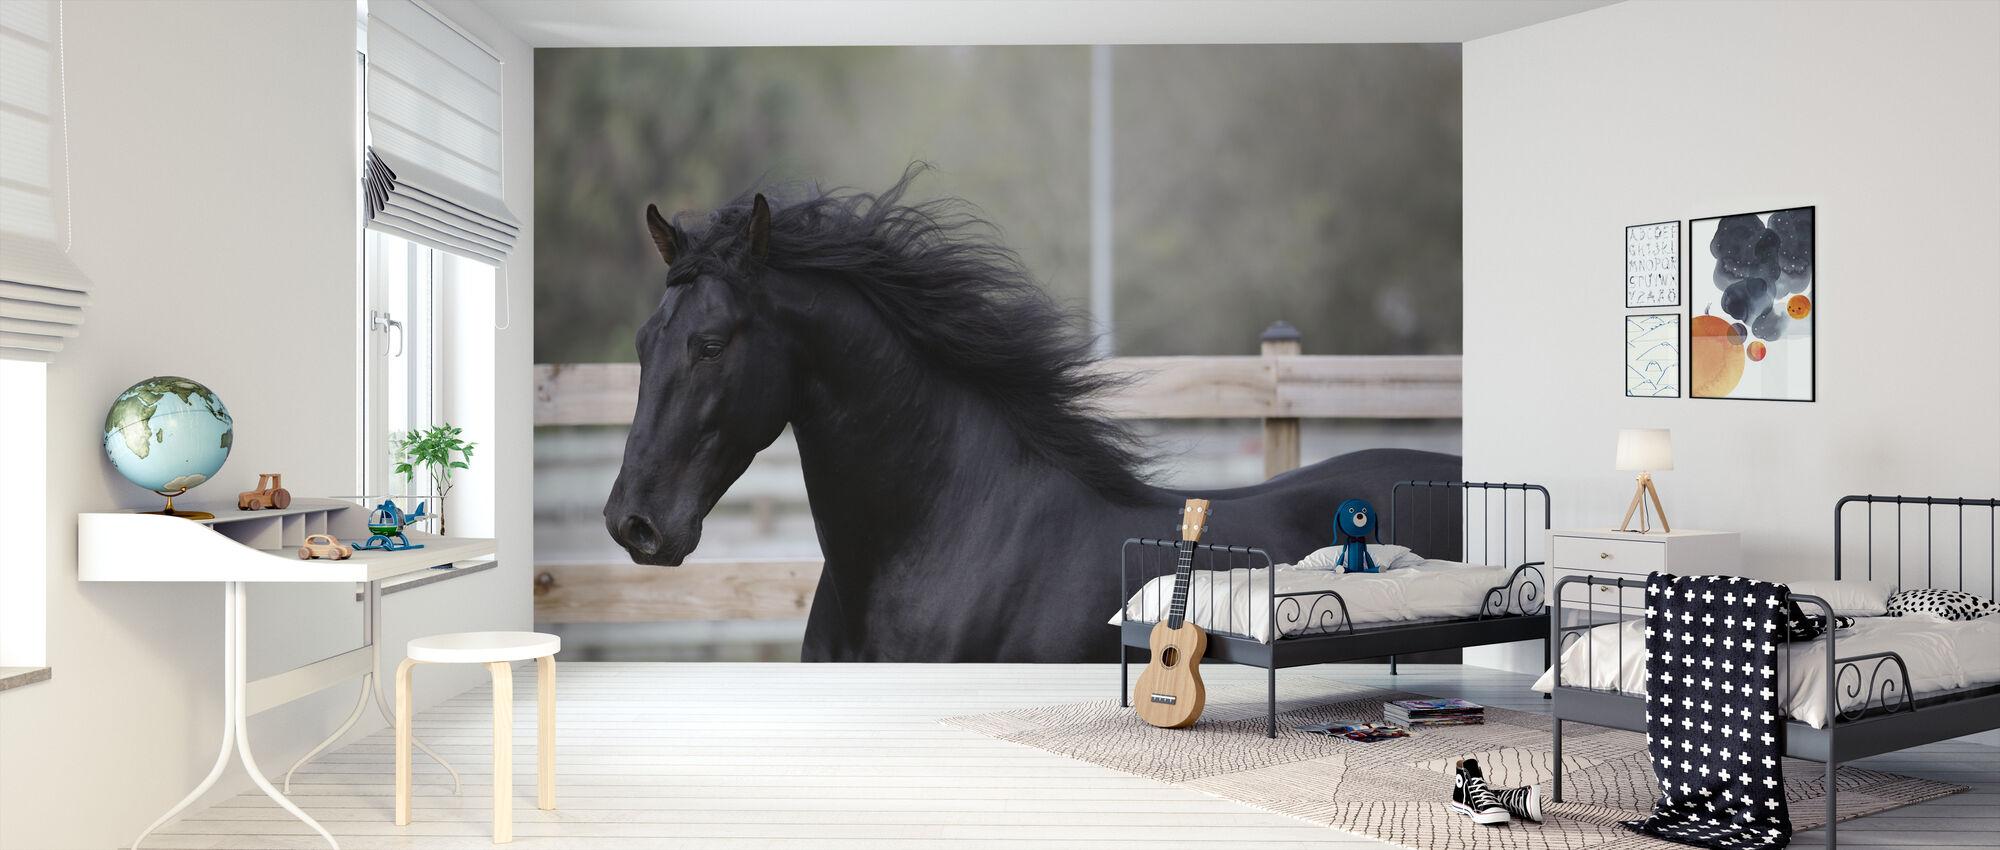 Horse Winner - Wallpaper - Kids Room